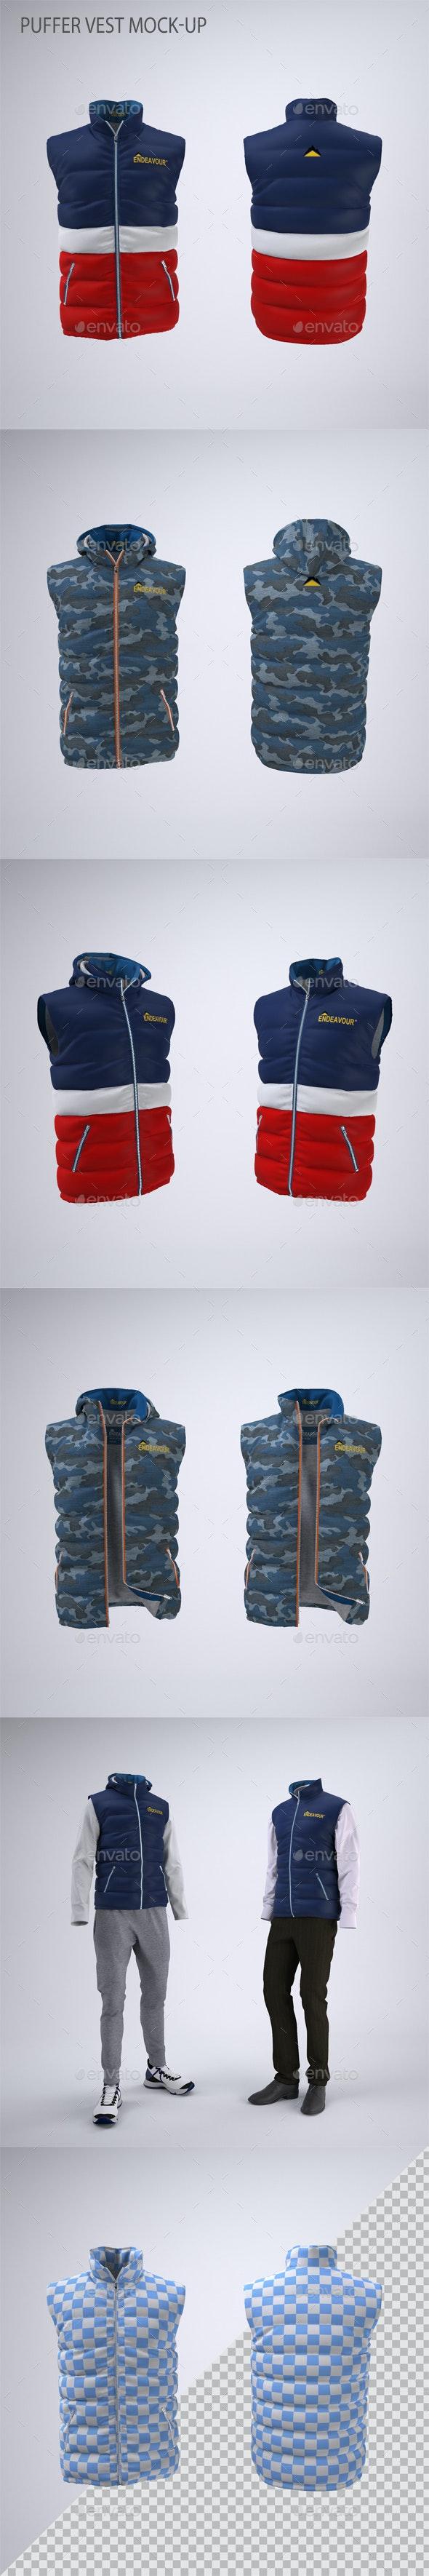 Puffer Vest or Gilet Jacket Mock-up - Apparel Product Mock-Ups